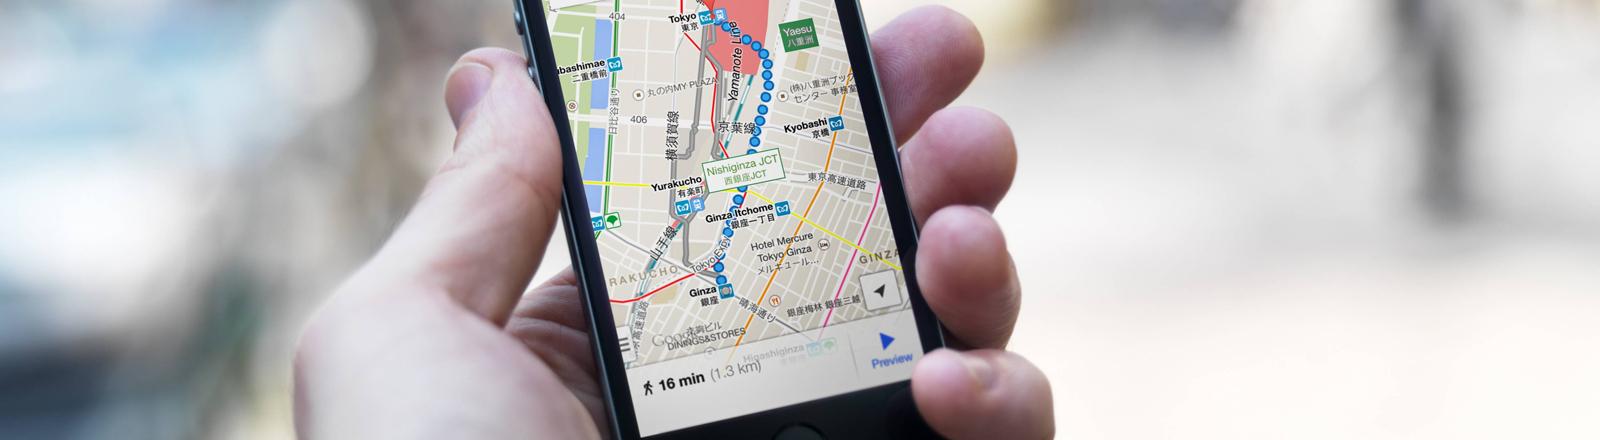 Eine Hand hält ein iPhone mit Google Maps auf dem Display